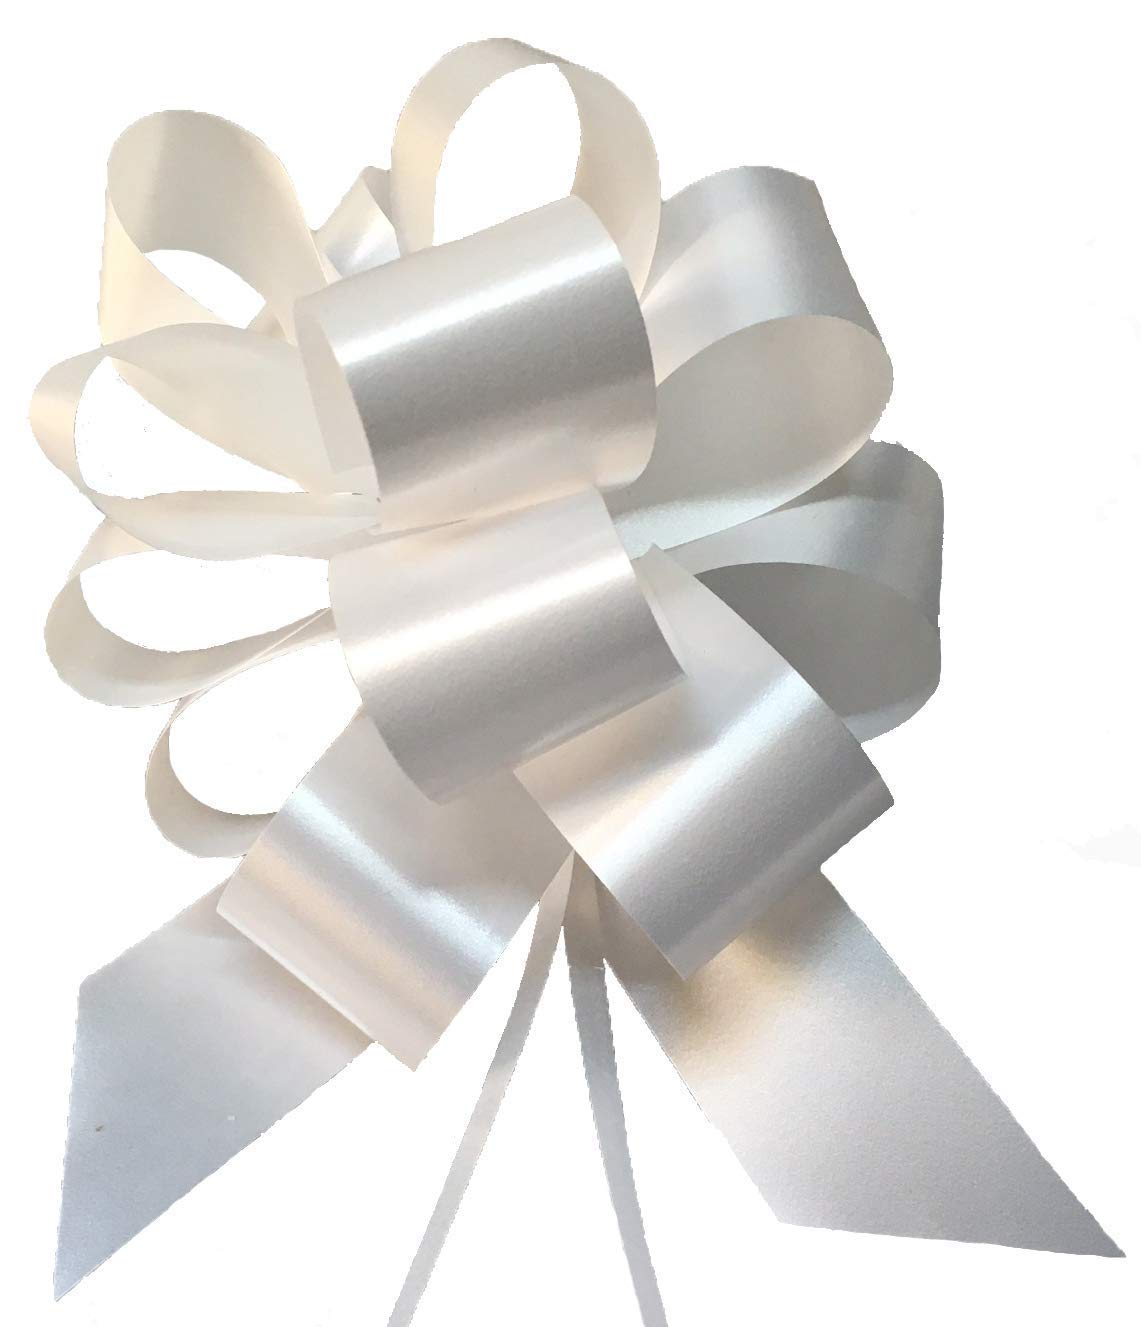 MAC CALF 50 Coccarde Bianche AUTOTIRANTI Colore Bianco Puro sposi Matrimoni Battesimo Comunione e Feste Prodotto Facile utilizzo